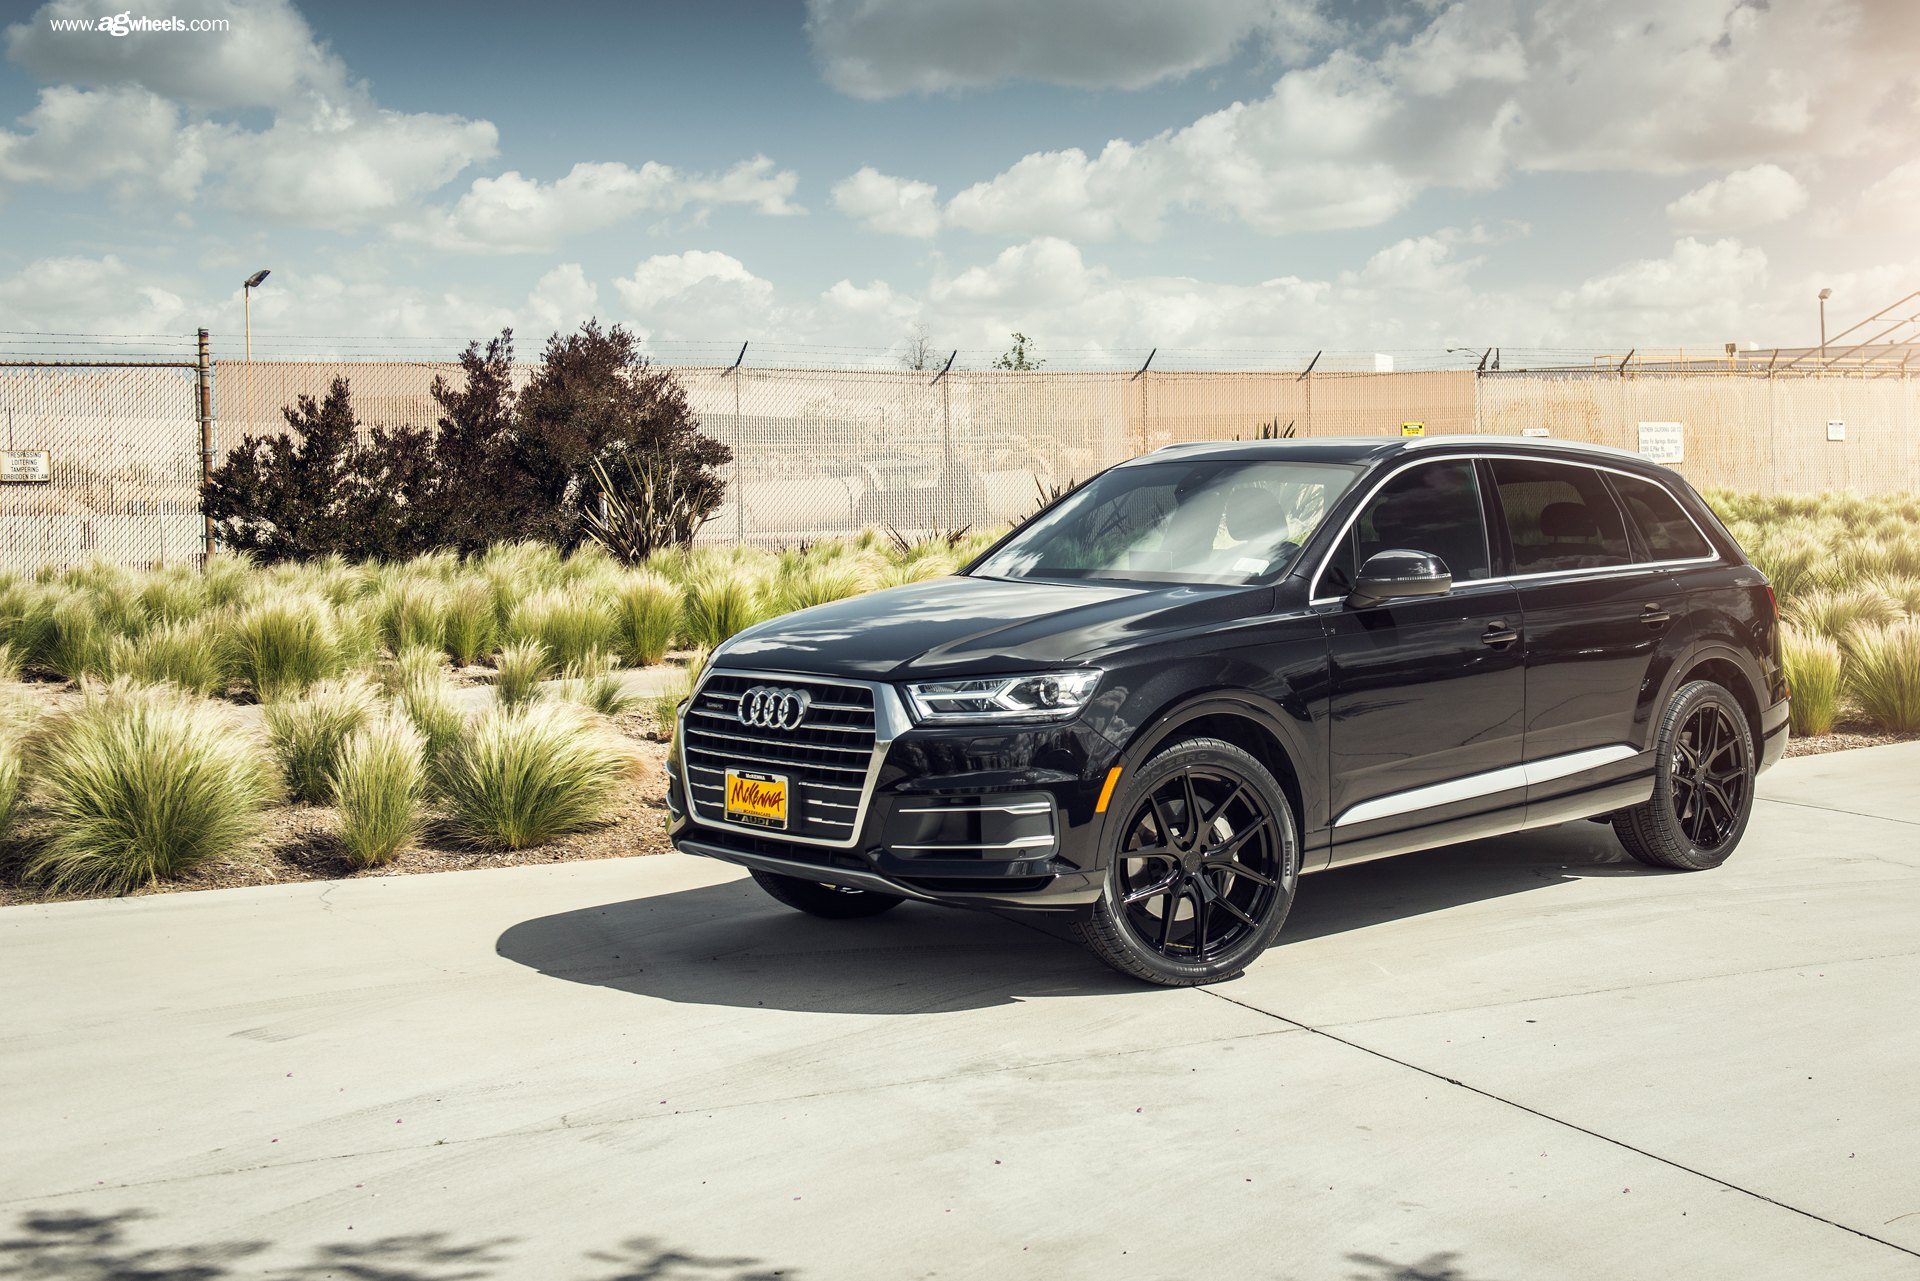 Custom 2017 Audi Q7 Images Mods Photos Upgrades